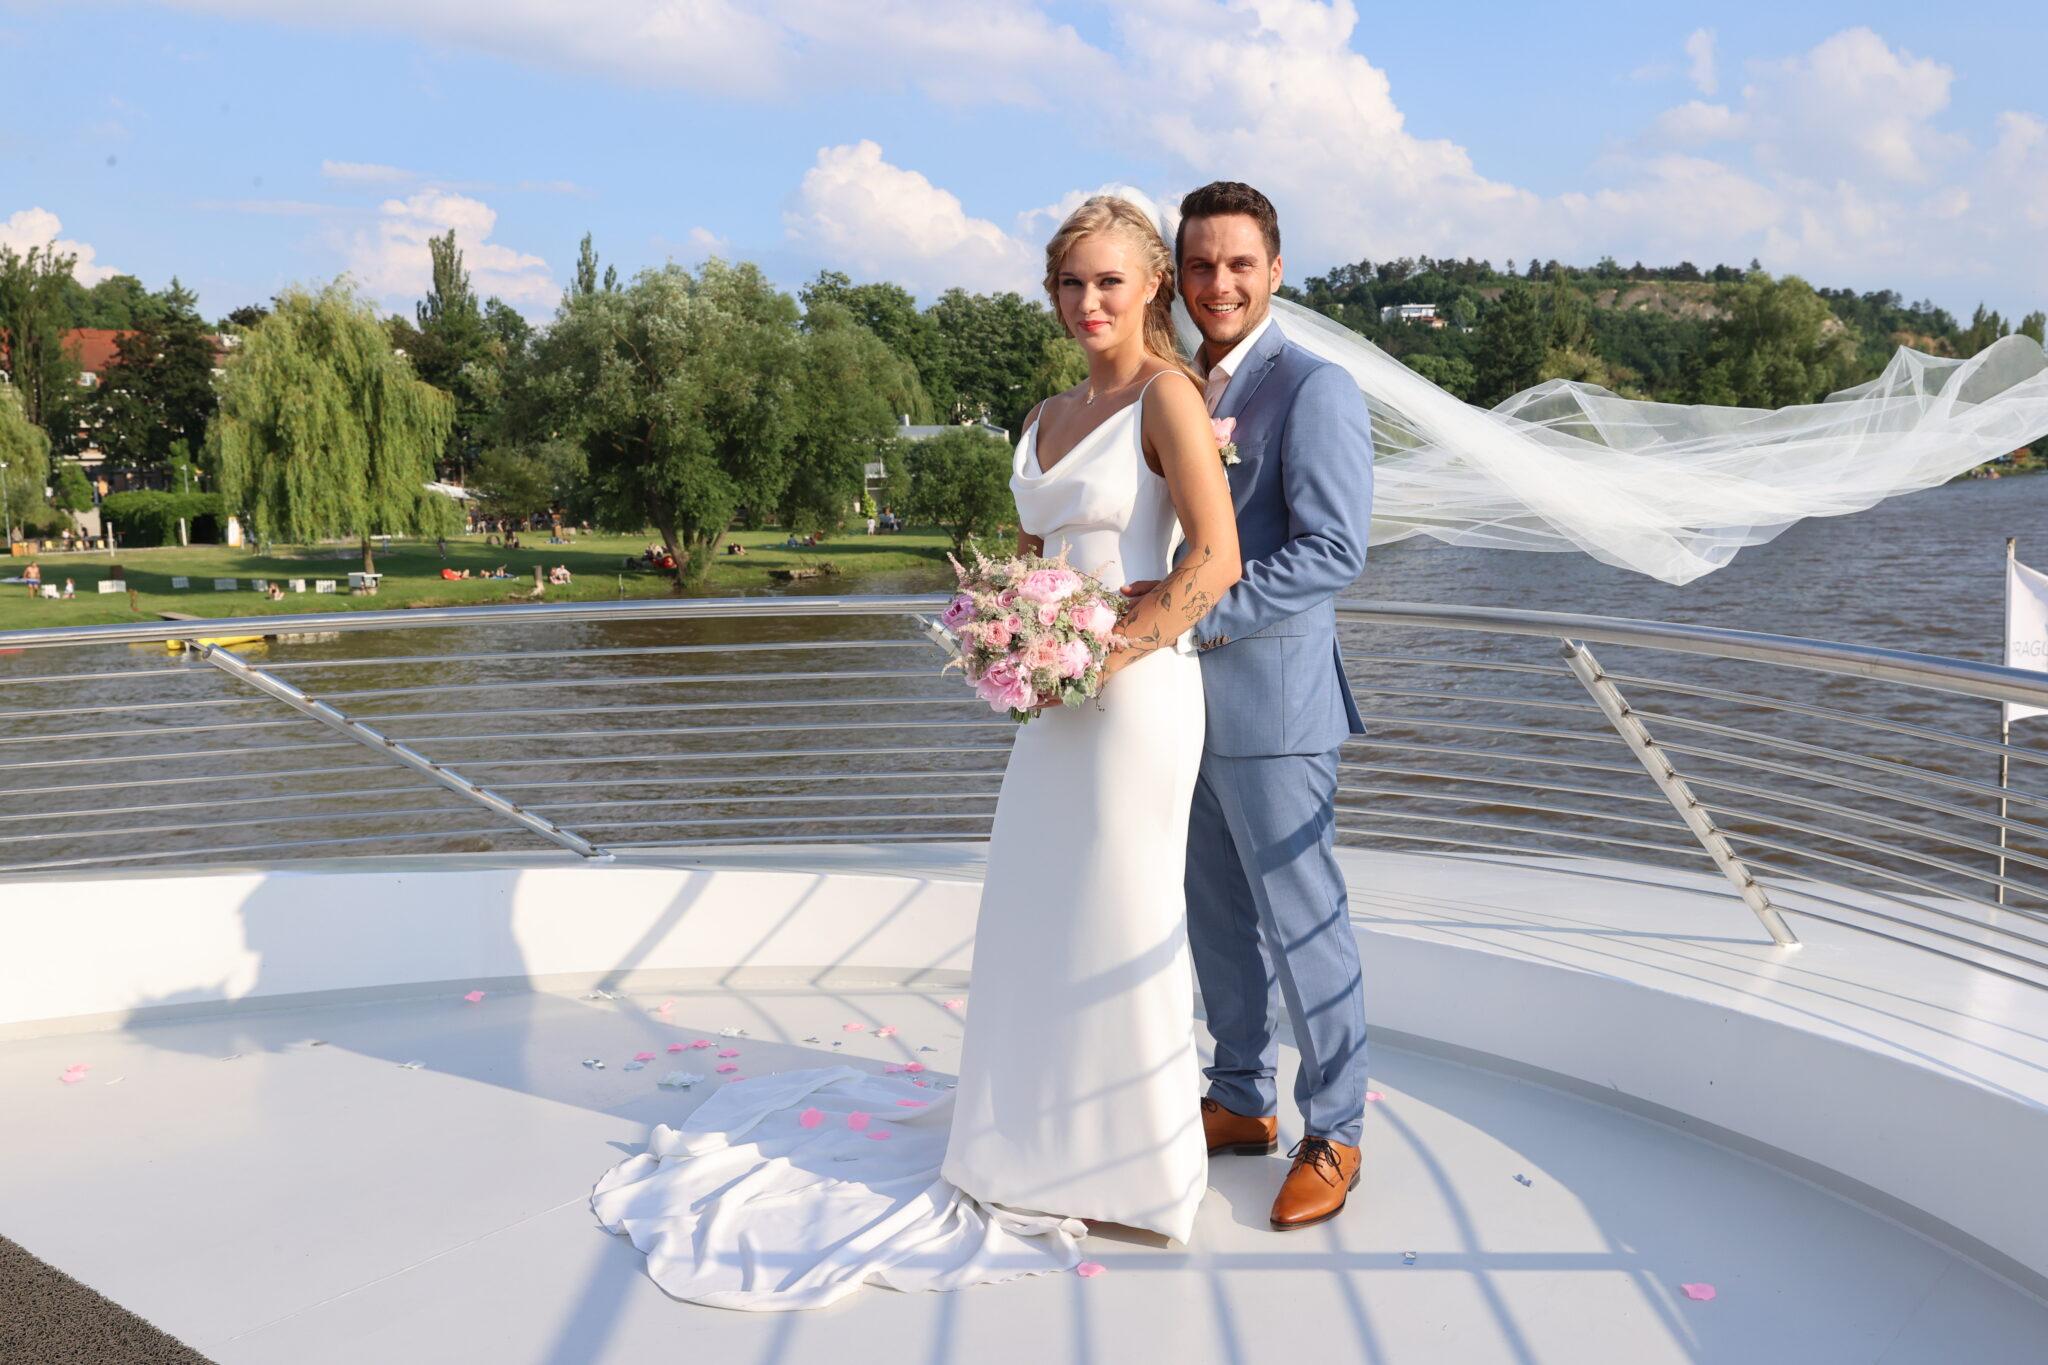 Svatby na první pohled - Mirka a Petr, FOTO: Distribuce TV Nova